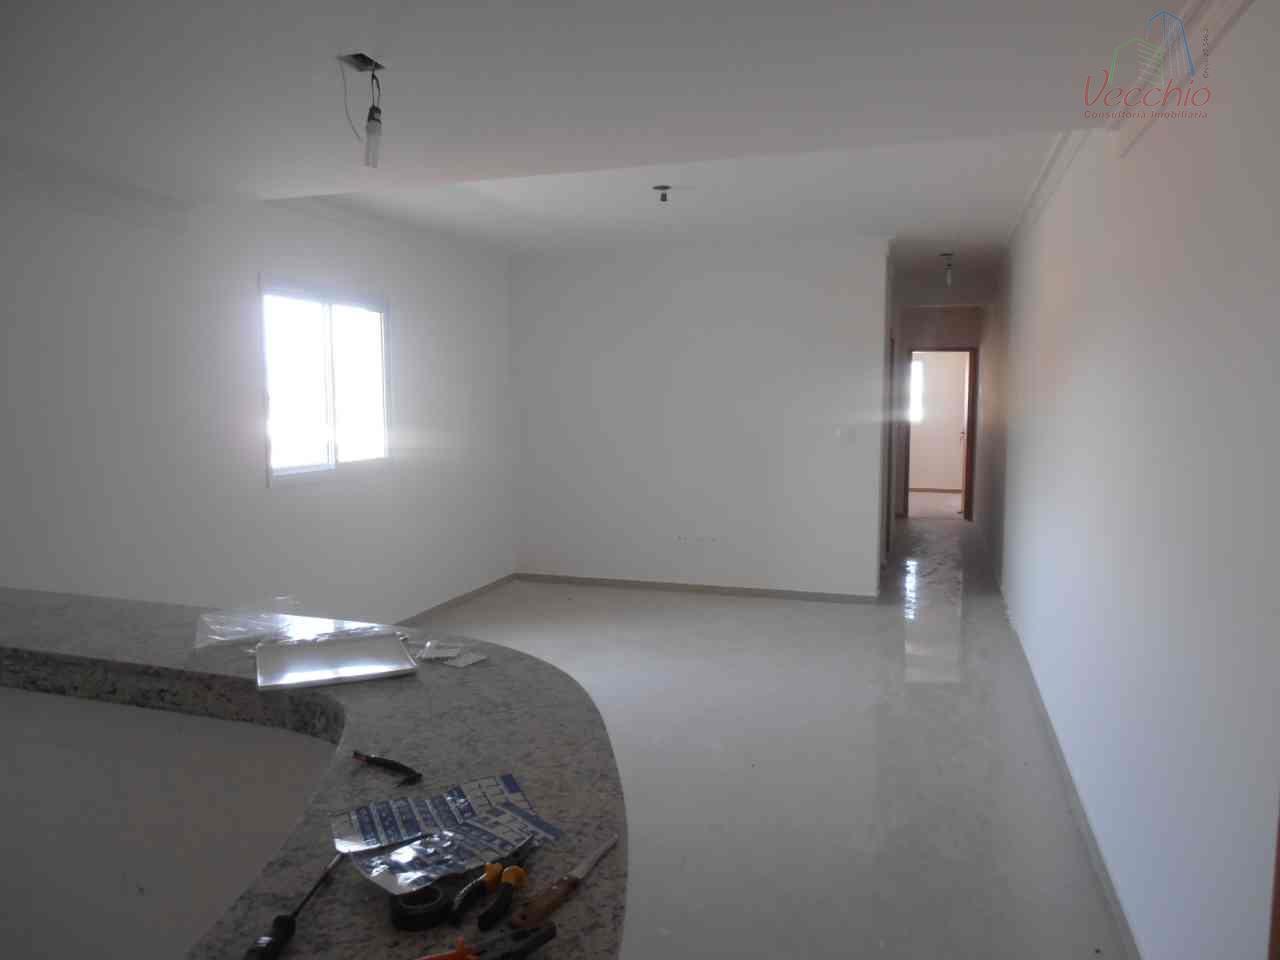 cobertura 80 m2 de área útil e 80 na cobertura com 3 dormitórios sendo um com...